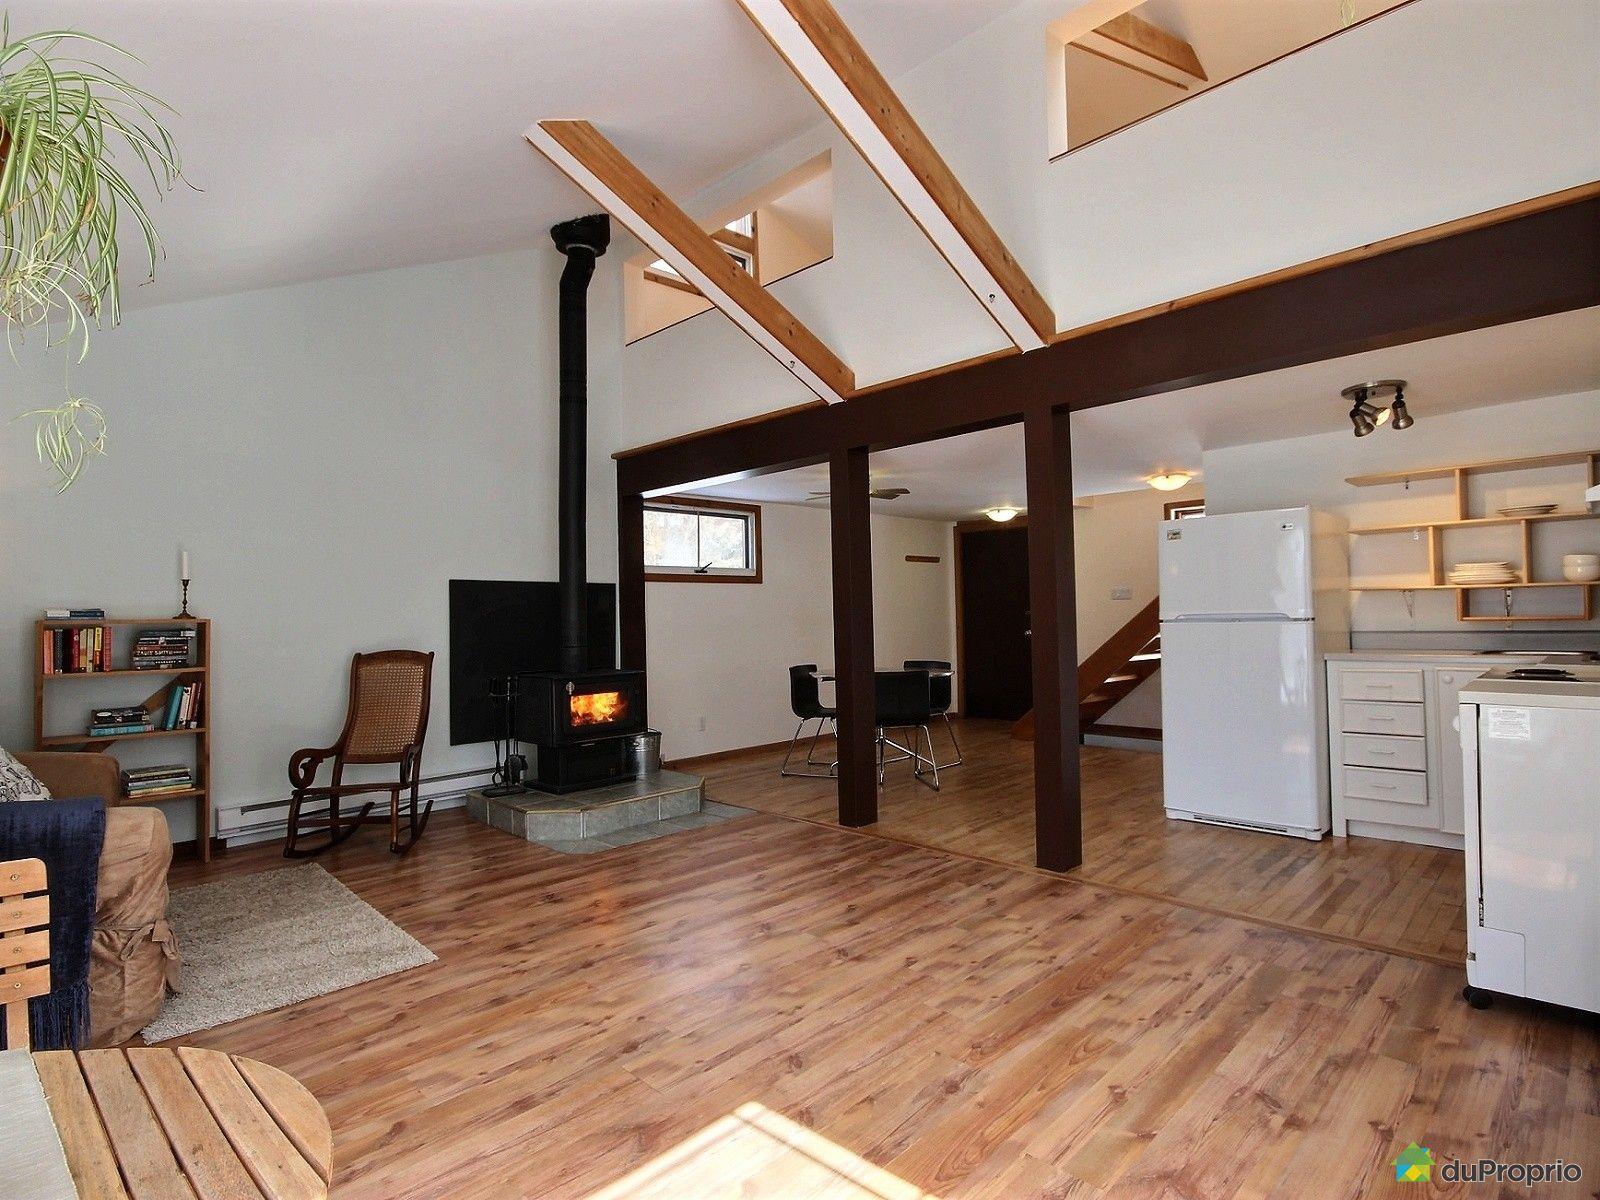 bungalow sur lev vendu la p che immobilier qu bec duproprio 589777. Black Bedroom Furniture Sets. Home Design Ideas